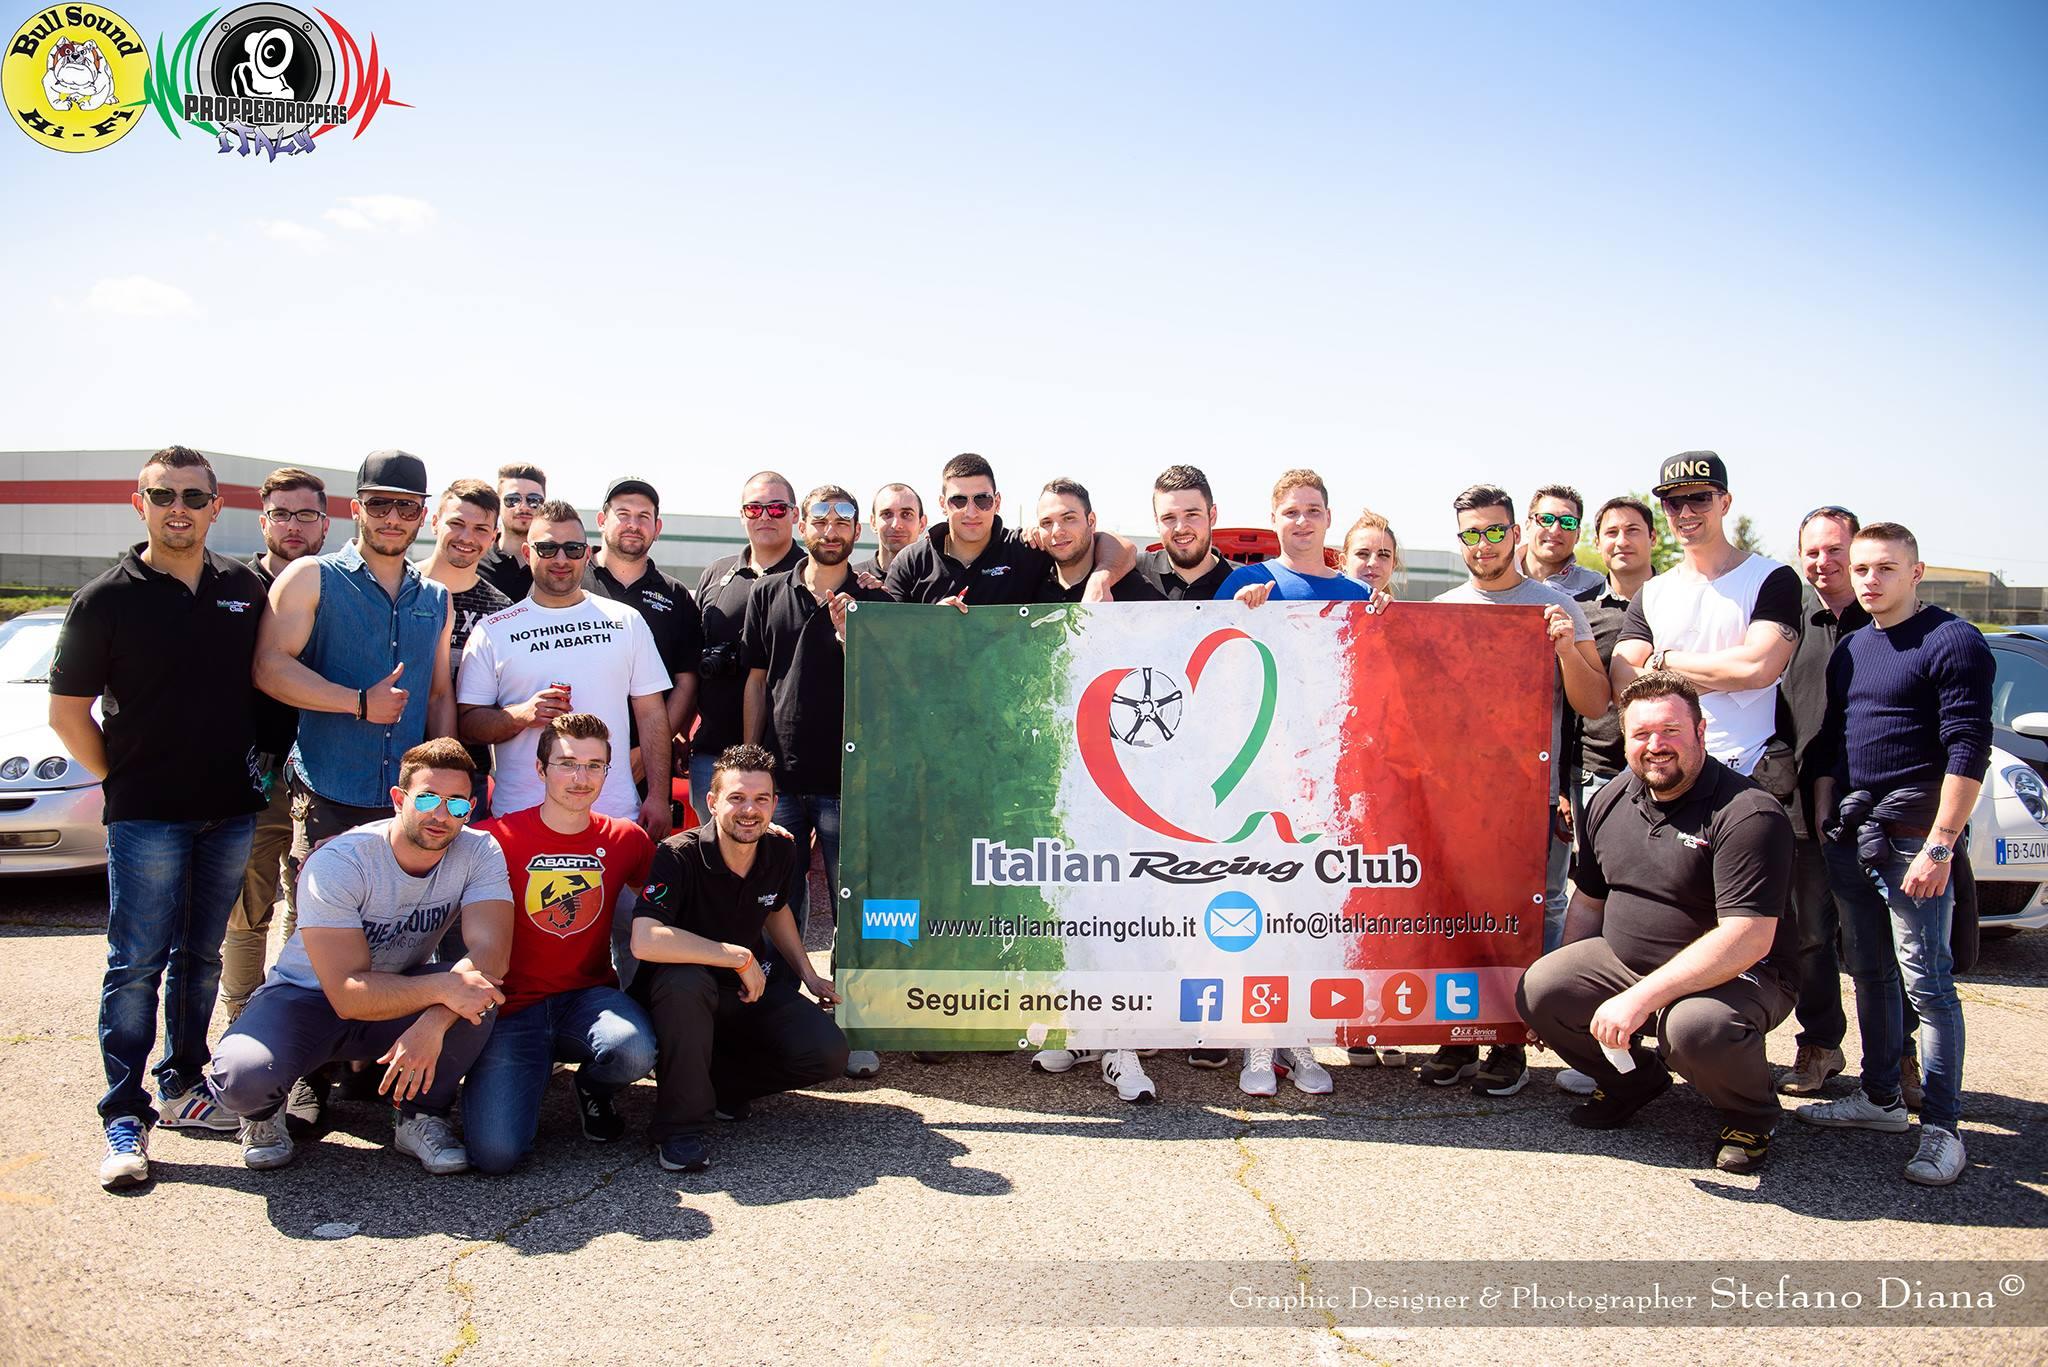 UN GRUPPO UNITO NEL SEGNO DEL MADE IN ITALY